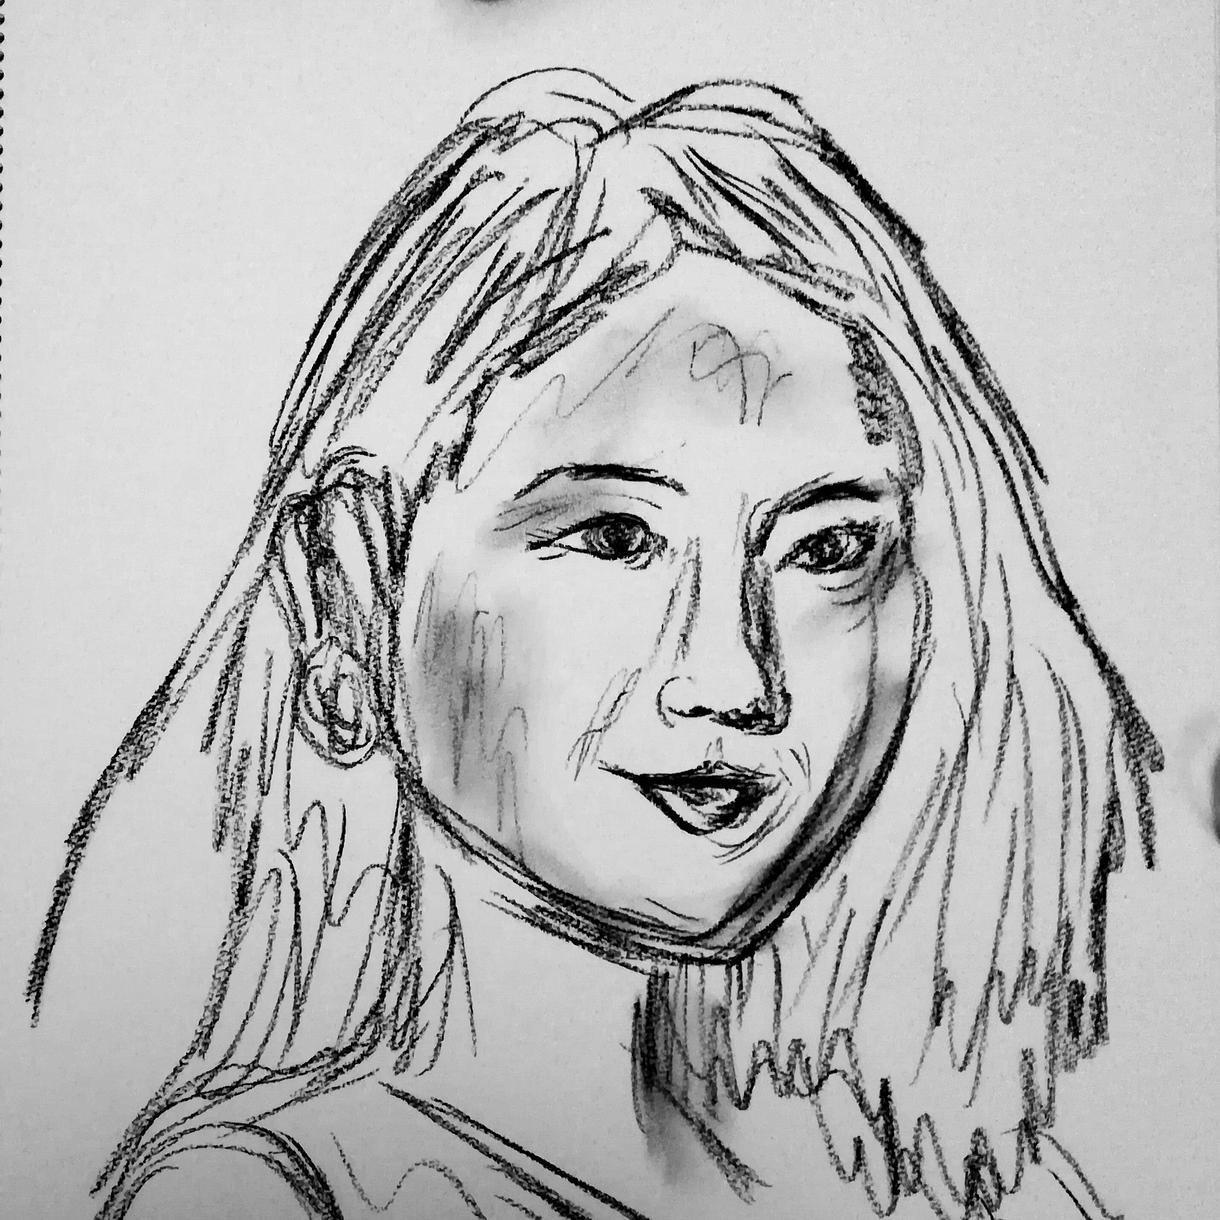 顔写真を元に手描きトレースで顔アイコンを描きます 【超速】写実的でお洒落な似顔絵 イメージ1